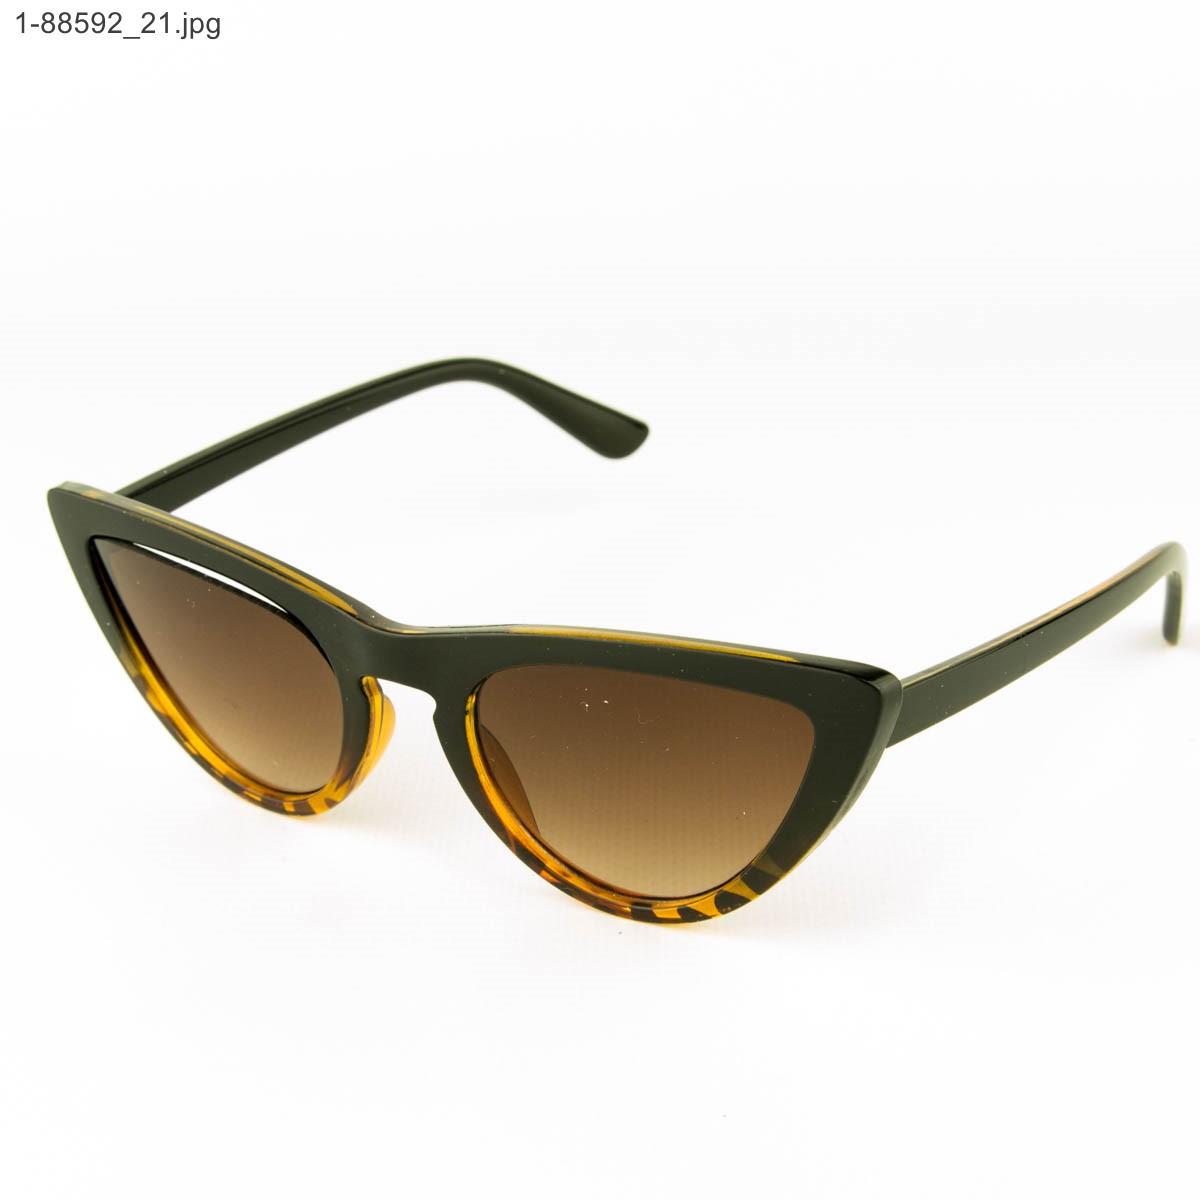 Оптом женские очки кошачий глаз - Леопардовые - 1-88592